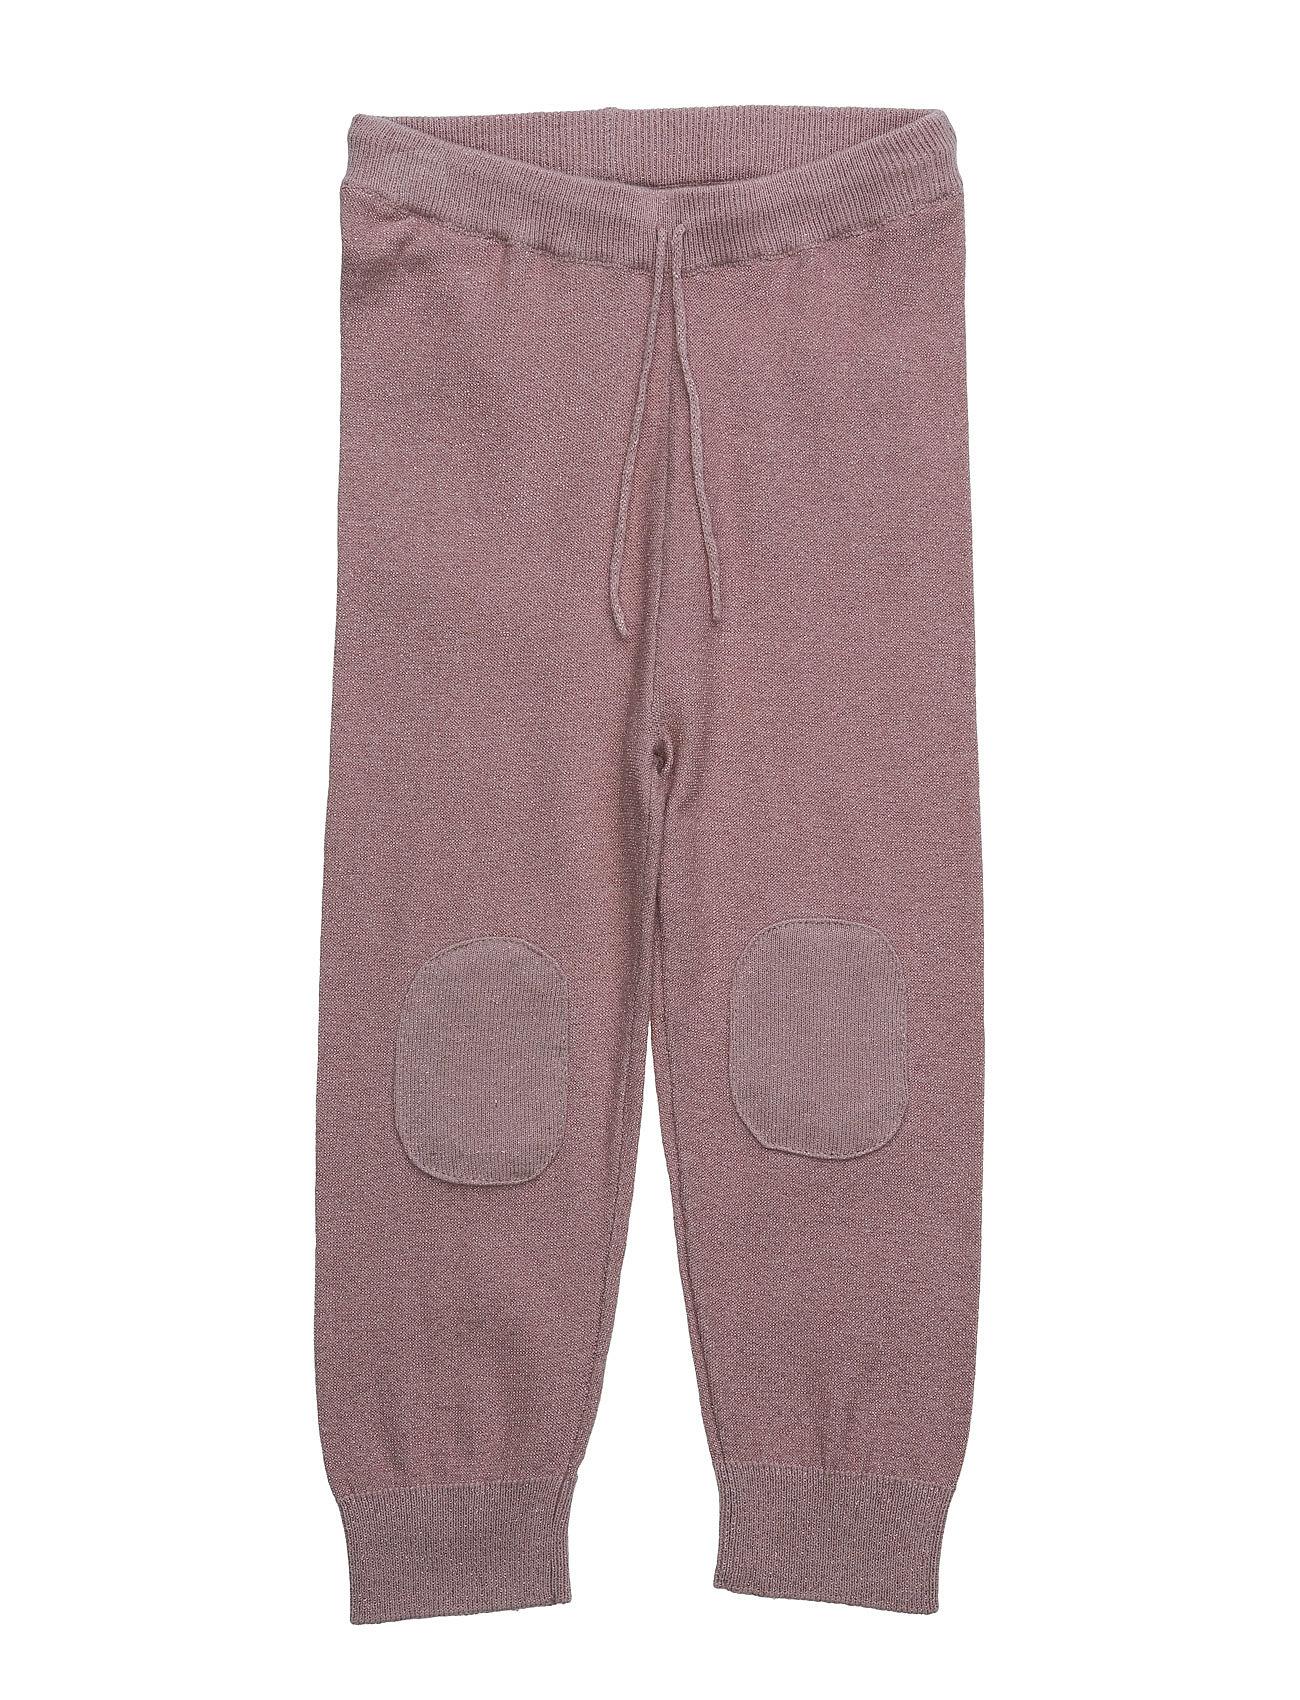 Mini A Ture Tano, B Pants - WOODROSE